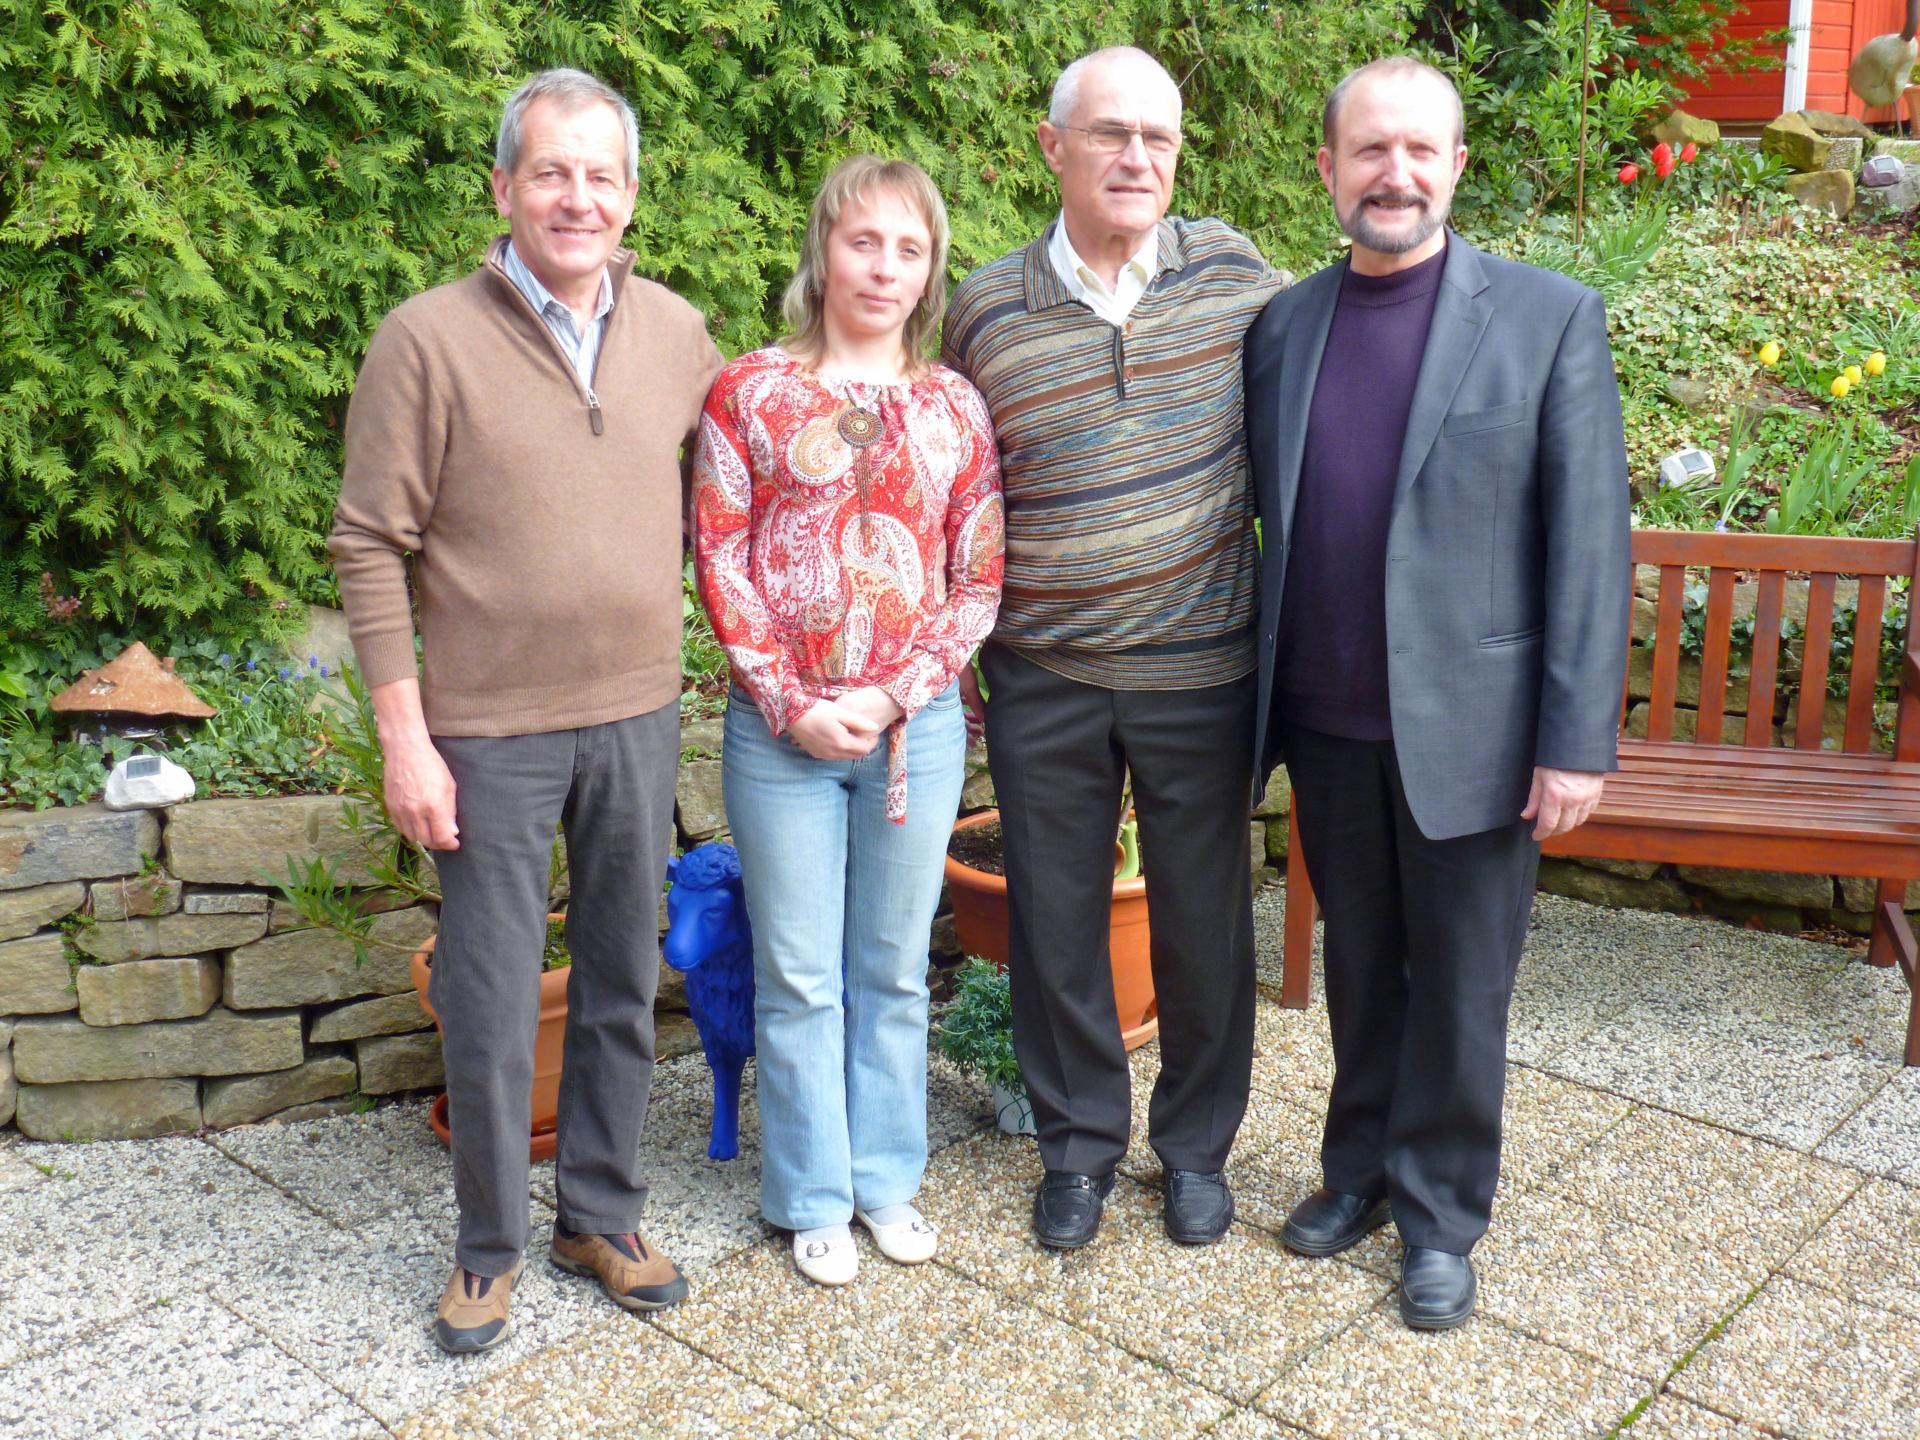 Erneutes Treffen mit unseren Belarussischen Freunden in Hagen (D)